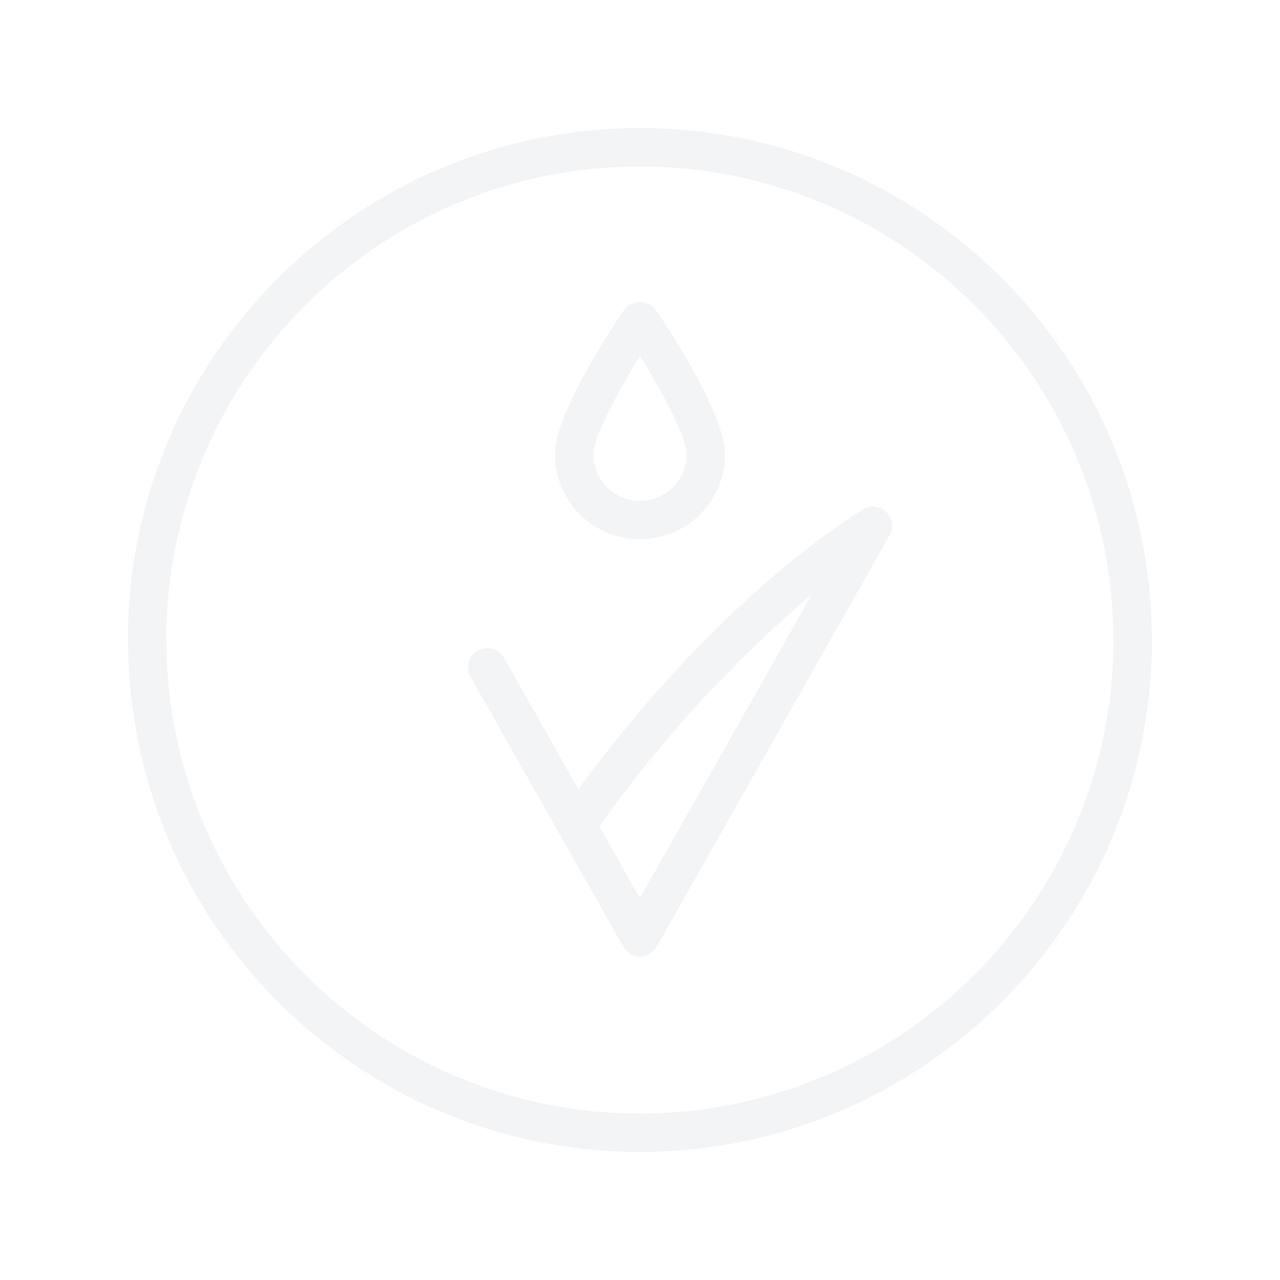 ARTDECO Eyebrow Pencil 1.1g